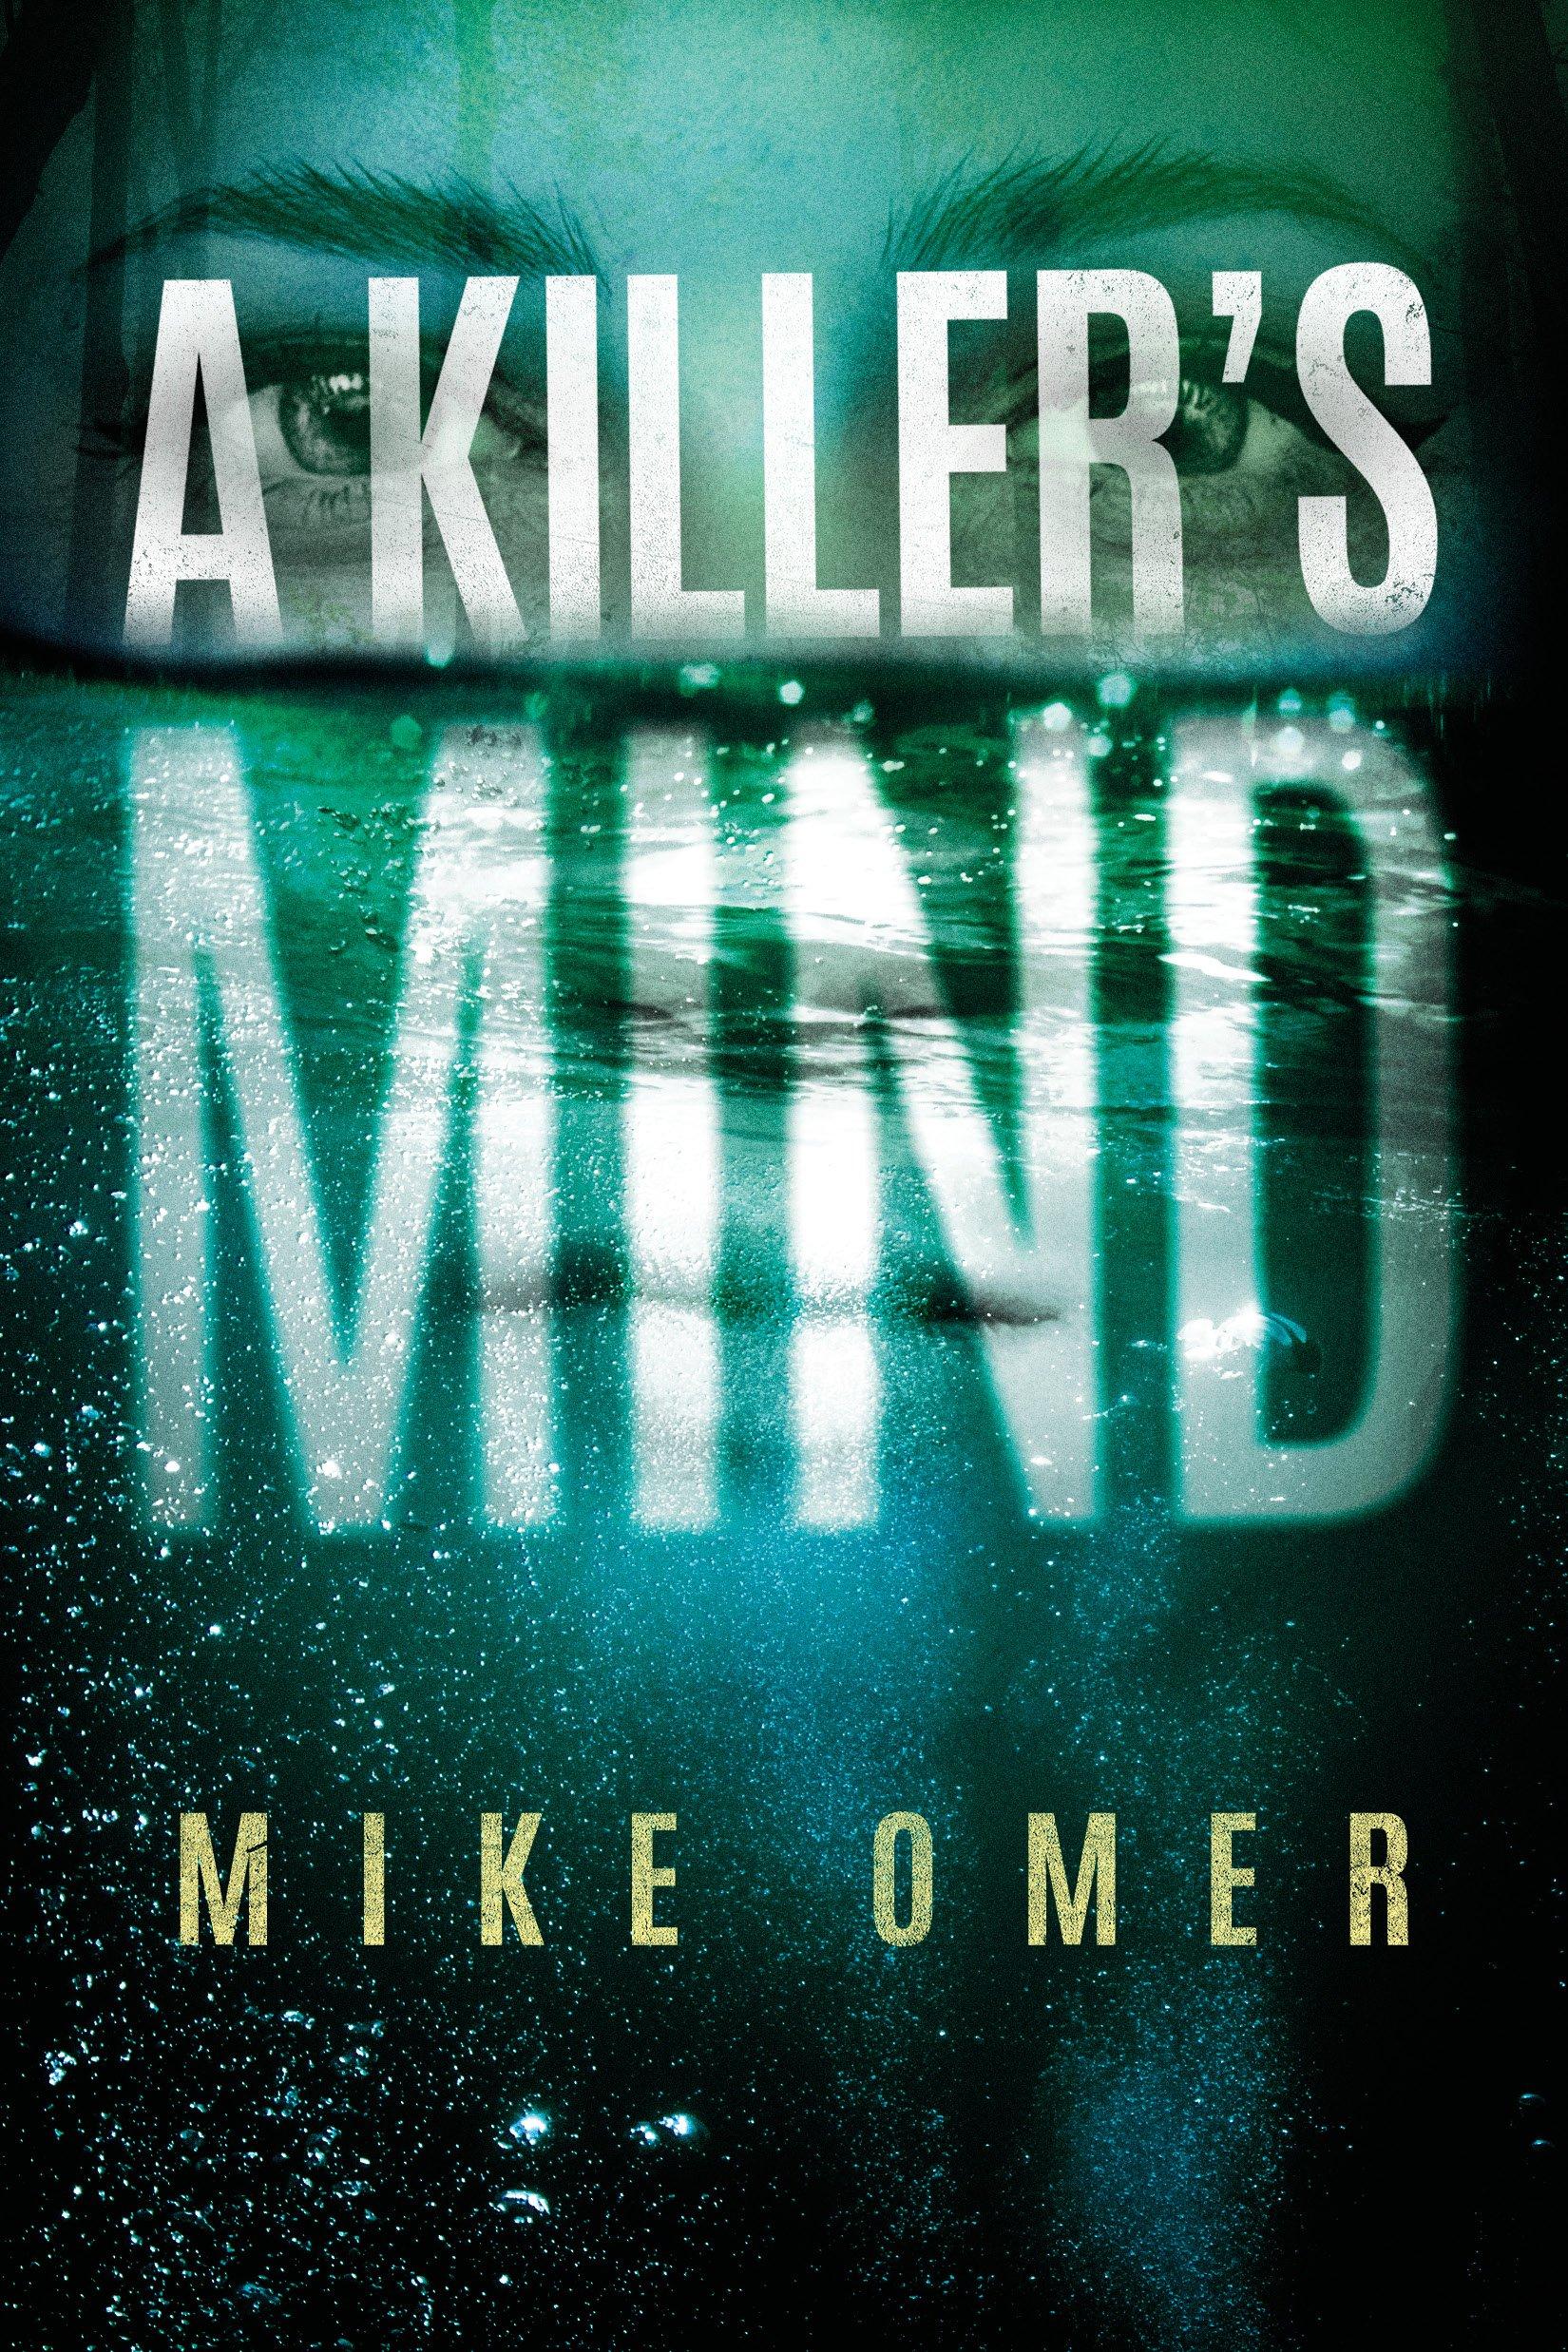 A killers mind zoe bentley mystery book 1 kindle edition by a killers mind zoe bentley mystery book 1 kindle edition by mike omer mystery thriller suspense kindle ebooks amazon fandeluxe Images